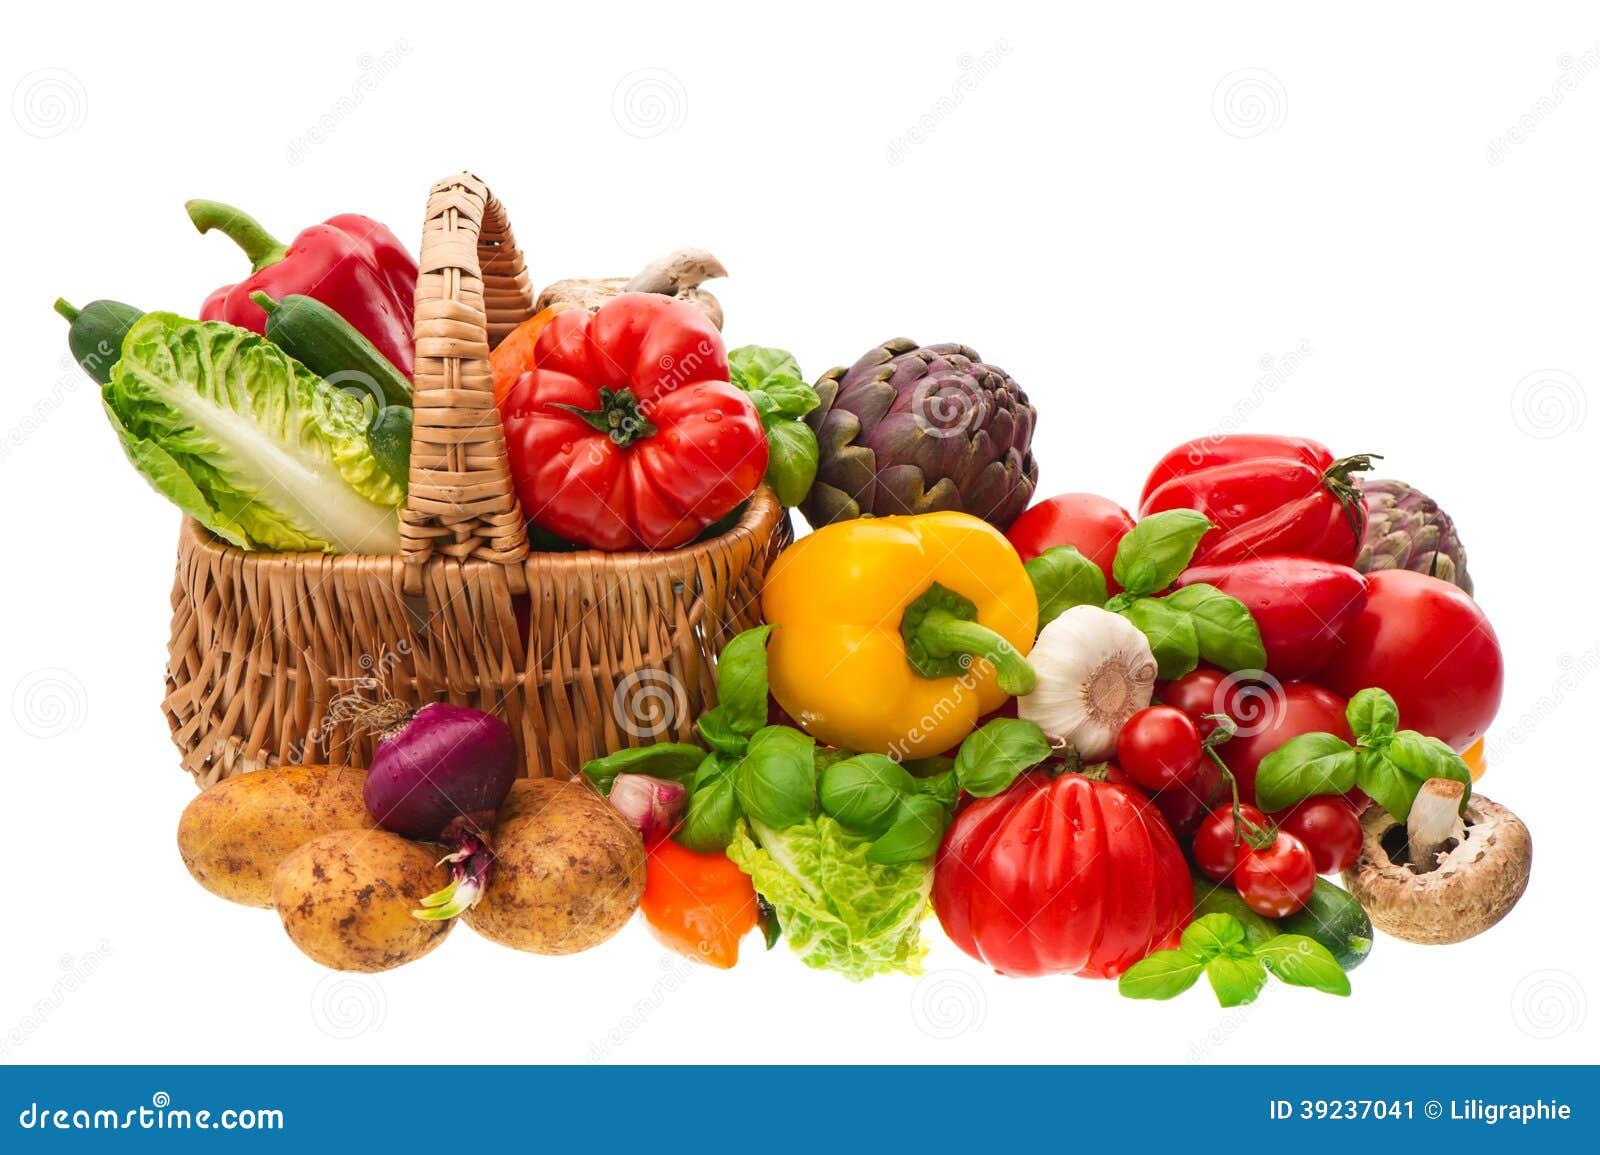 菜。手提篮。健康营养